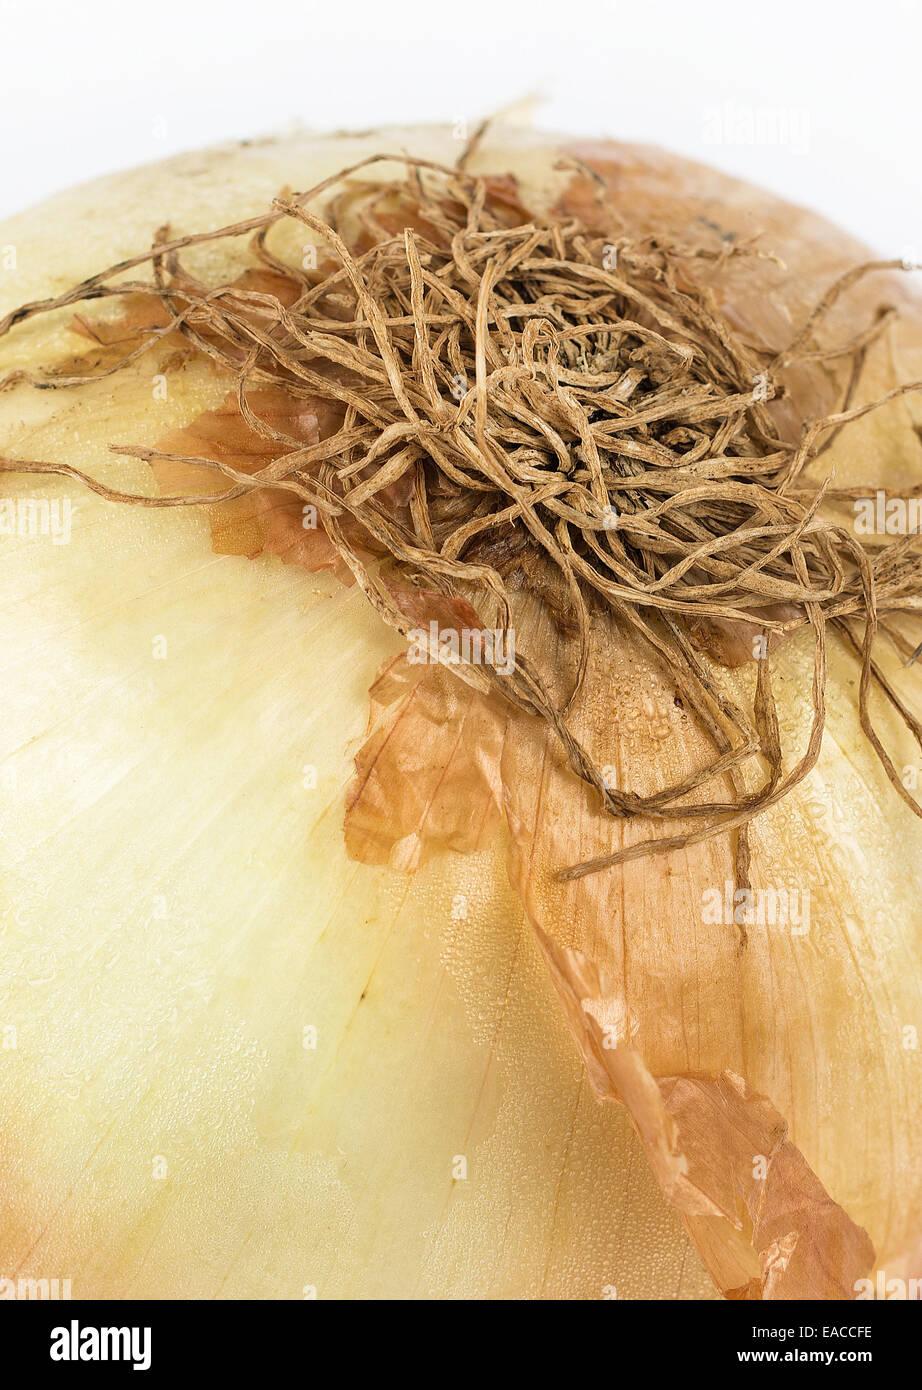 Detail von einem gemeinsamen Kochen Zwiebel Allium Cepa hautnah Stockbild